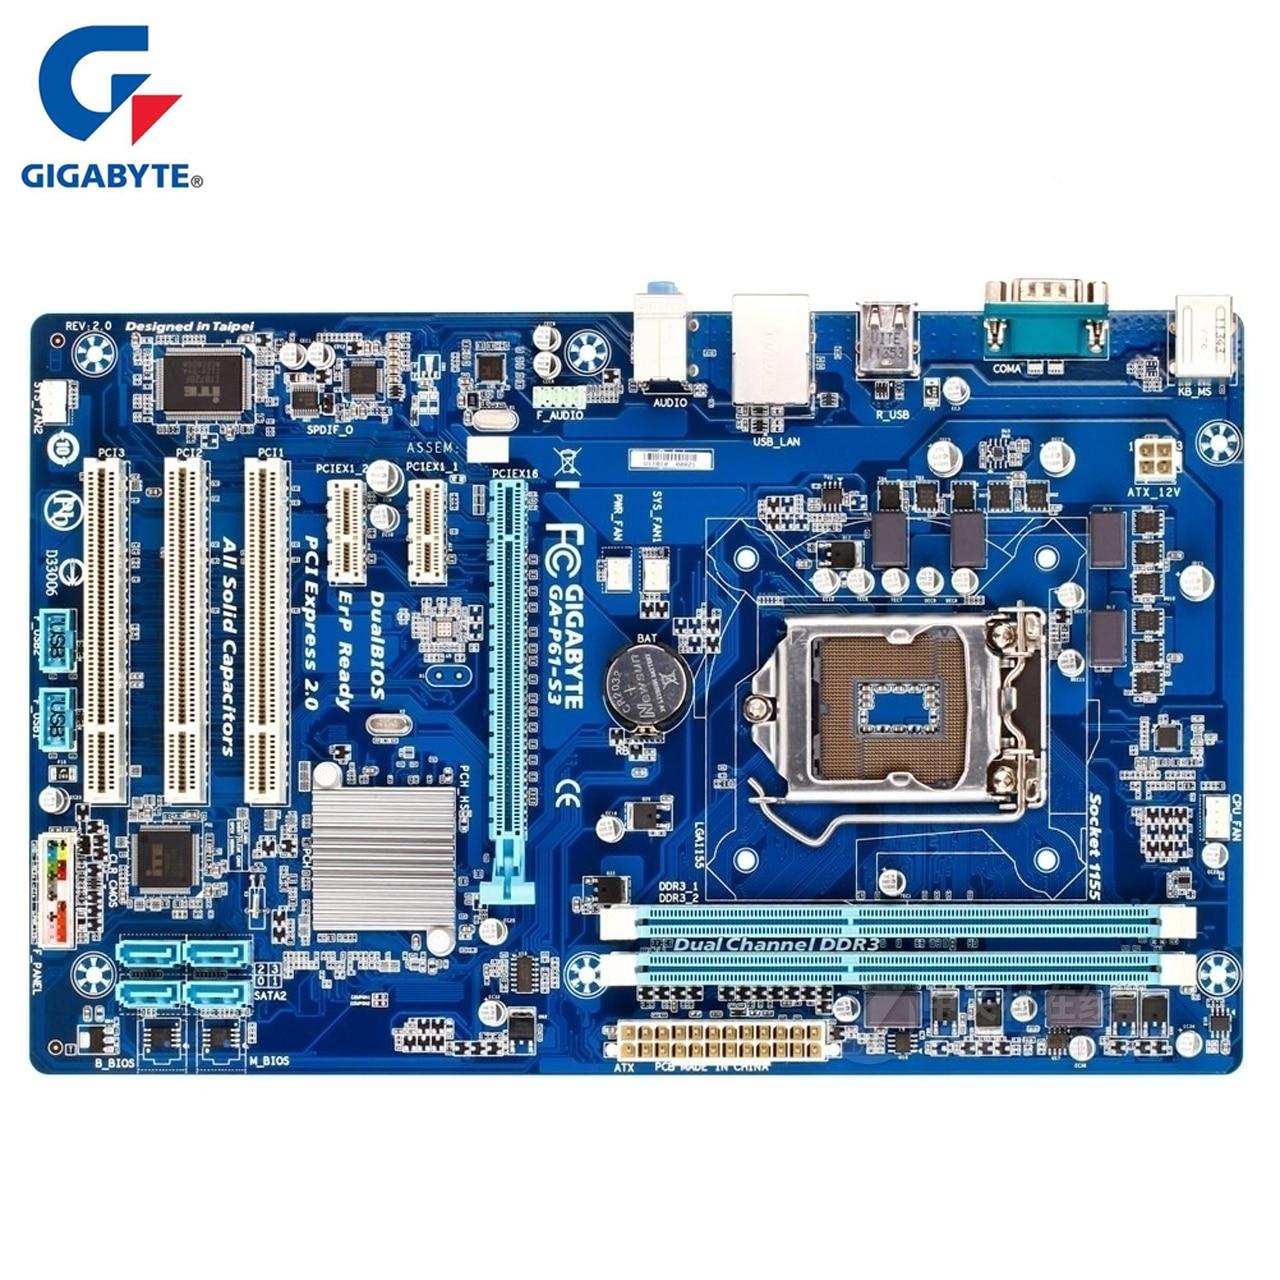 Gigabyte GA-P61-S3 Carte Mère LGA1155 DDR3 USB2.0 16 GB H61 P61 S3 De Bureau Carte Mère Systemboard SATA II PCI-E 3.0 Utilisé